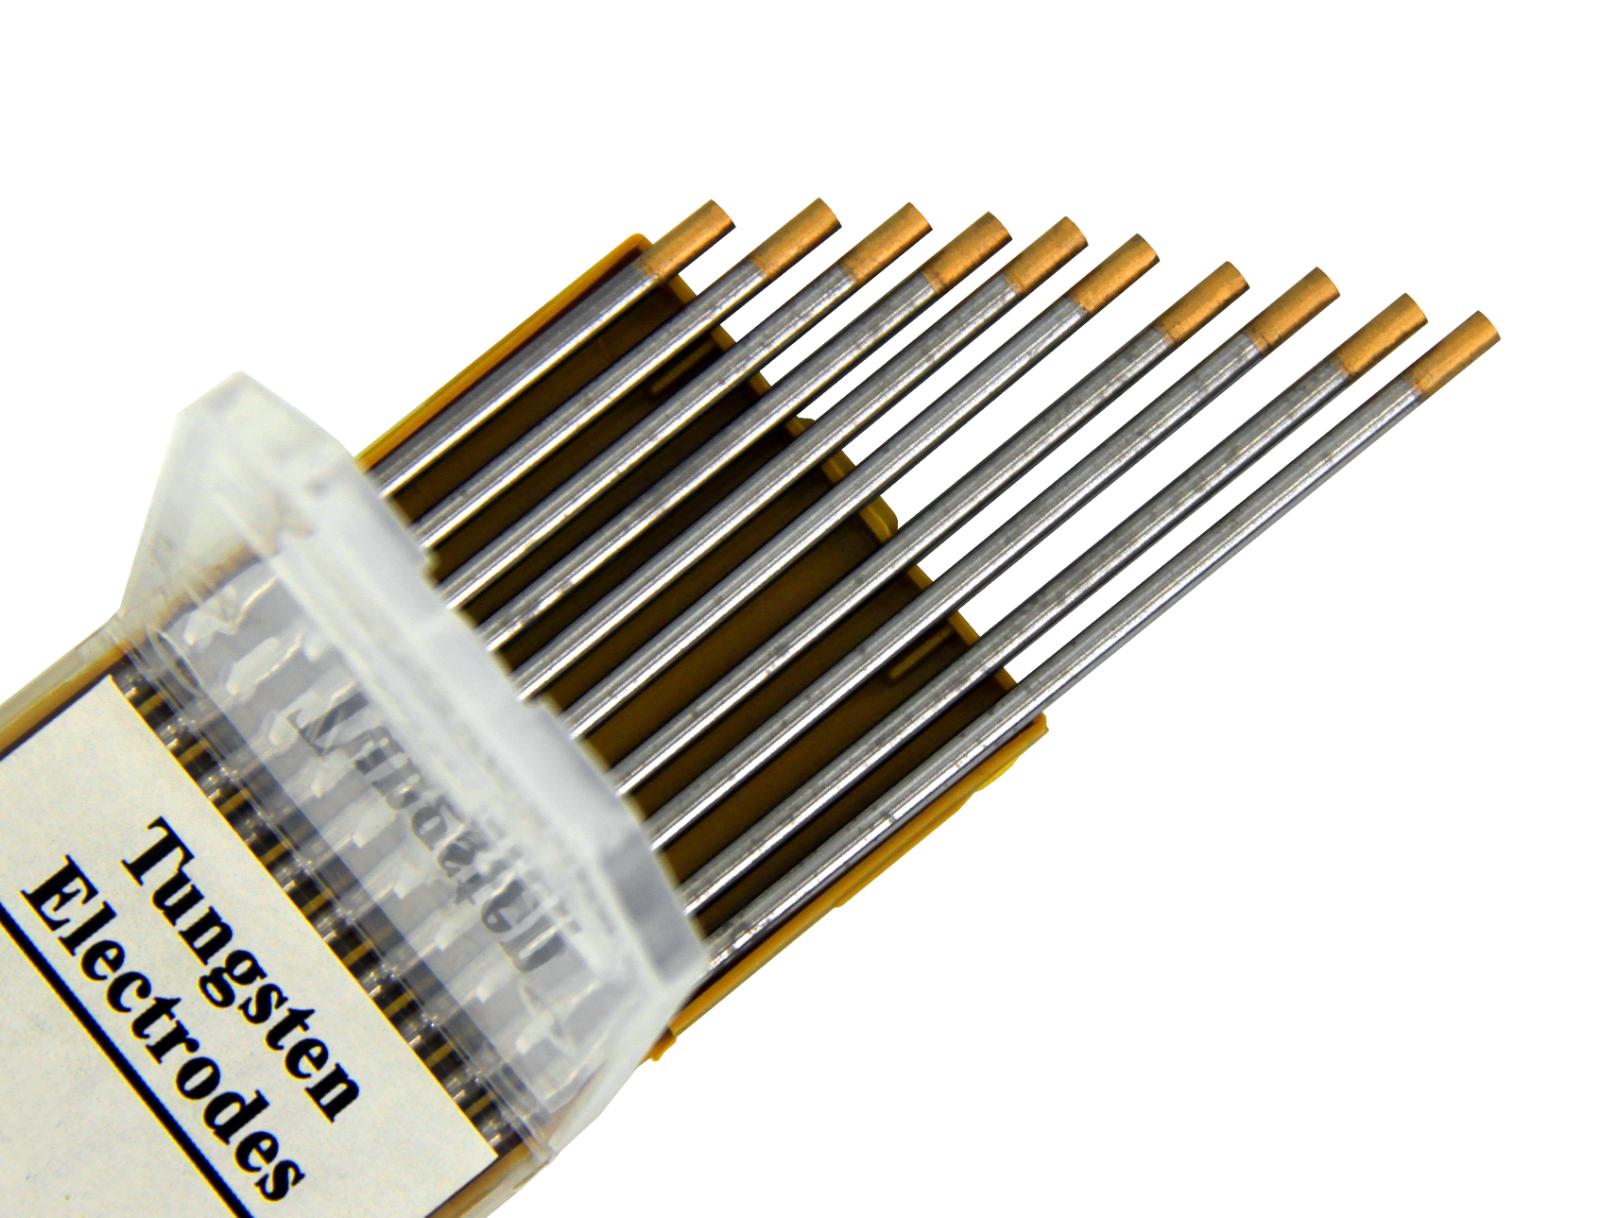 Weldright ER316L en acier inoxydable arc électrodes de soudure tige 1.6-3.2mm 10-100 rod